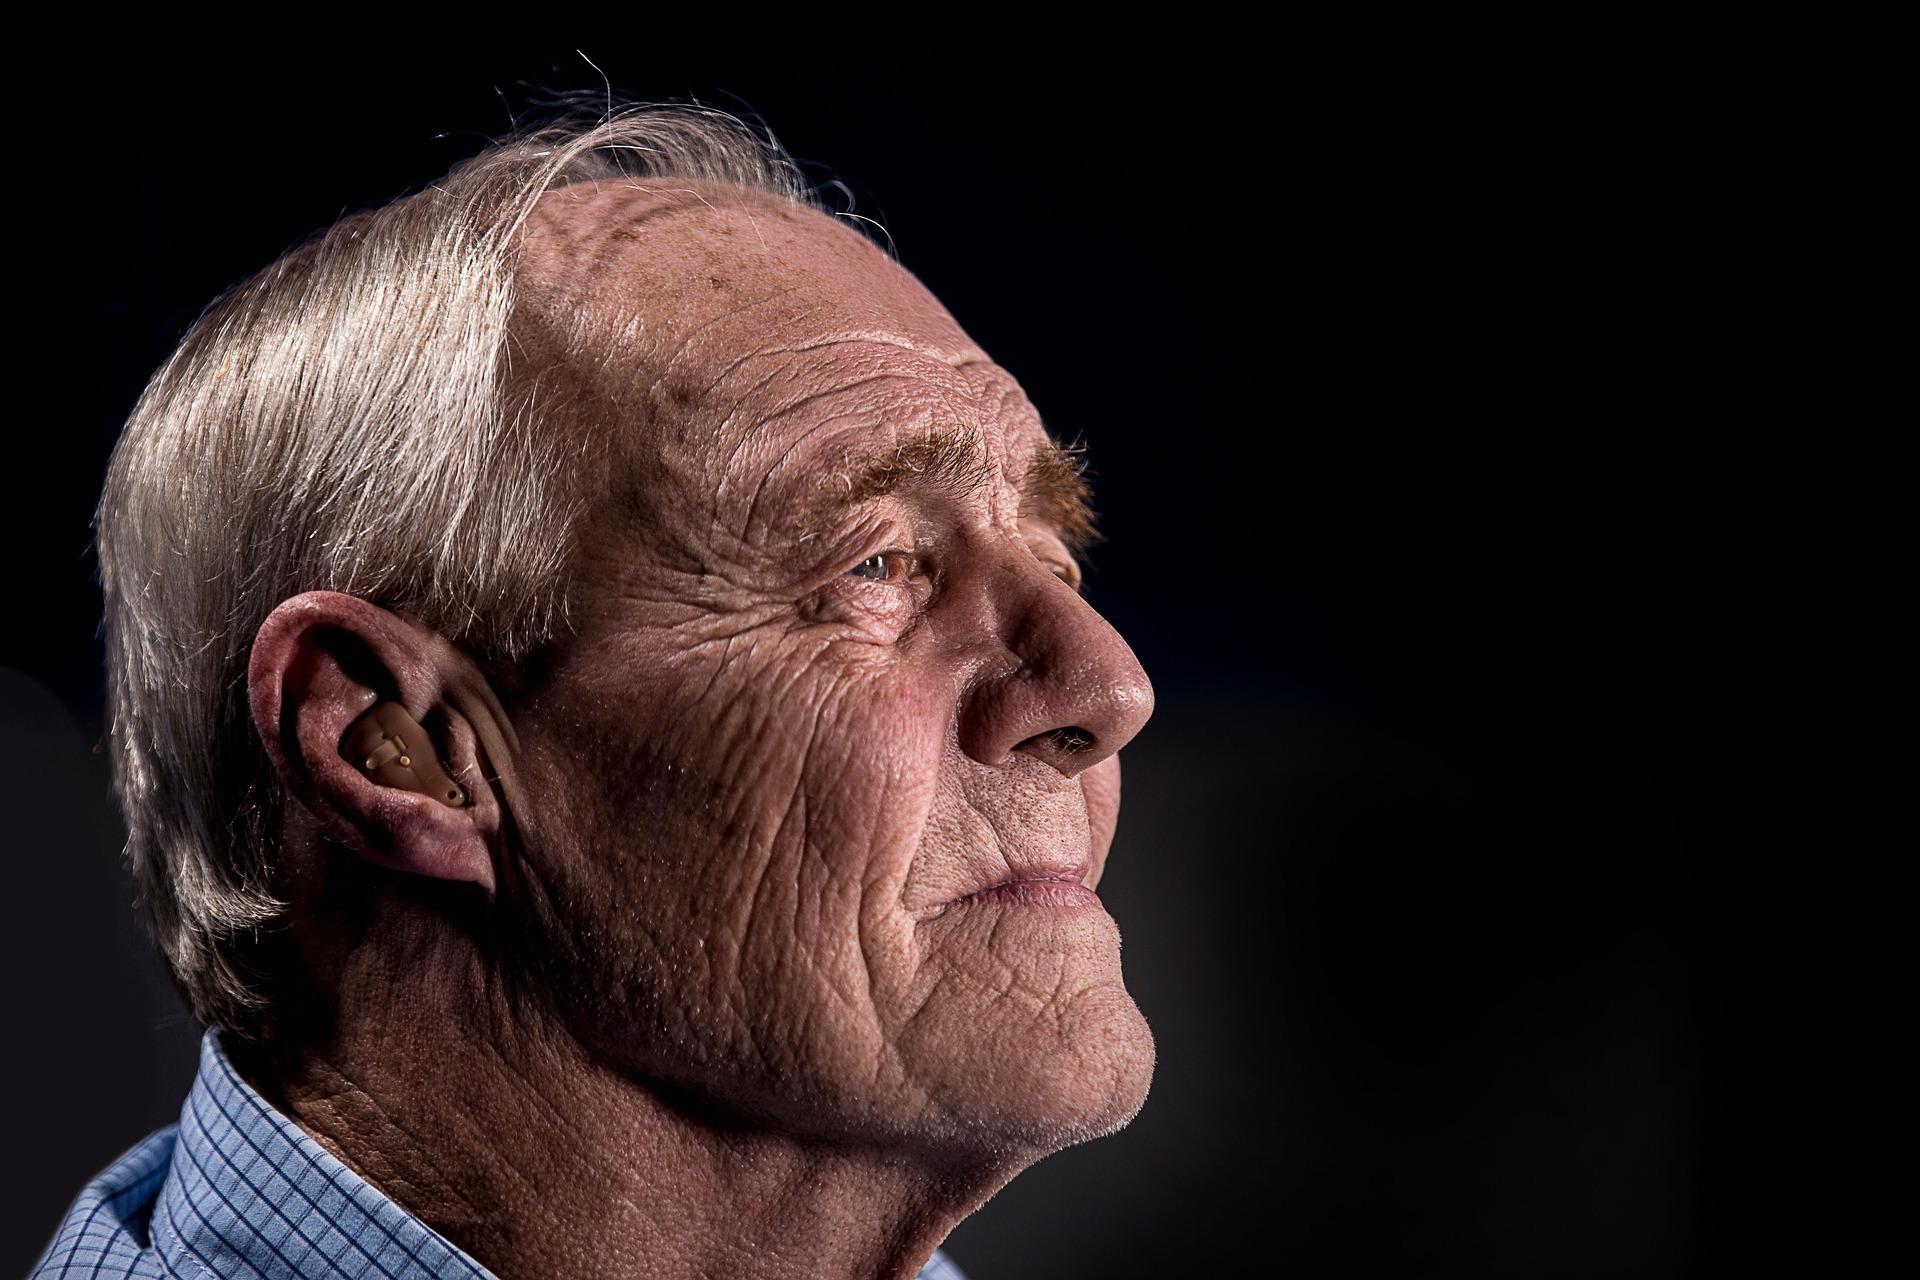 Elderly man